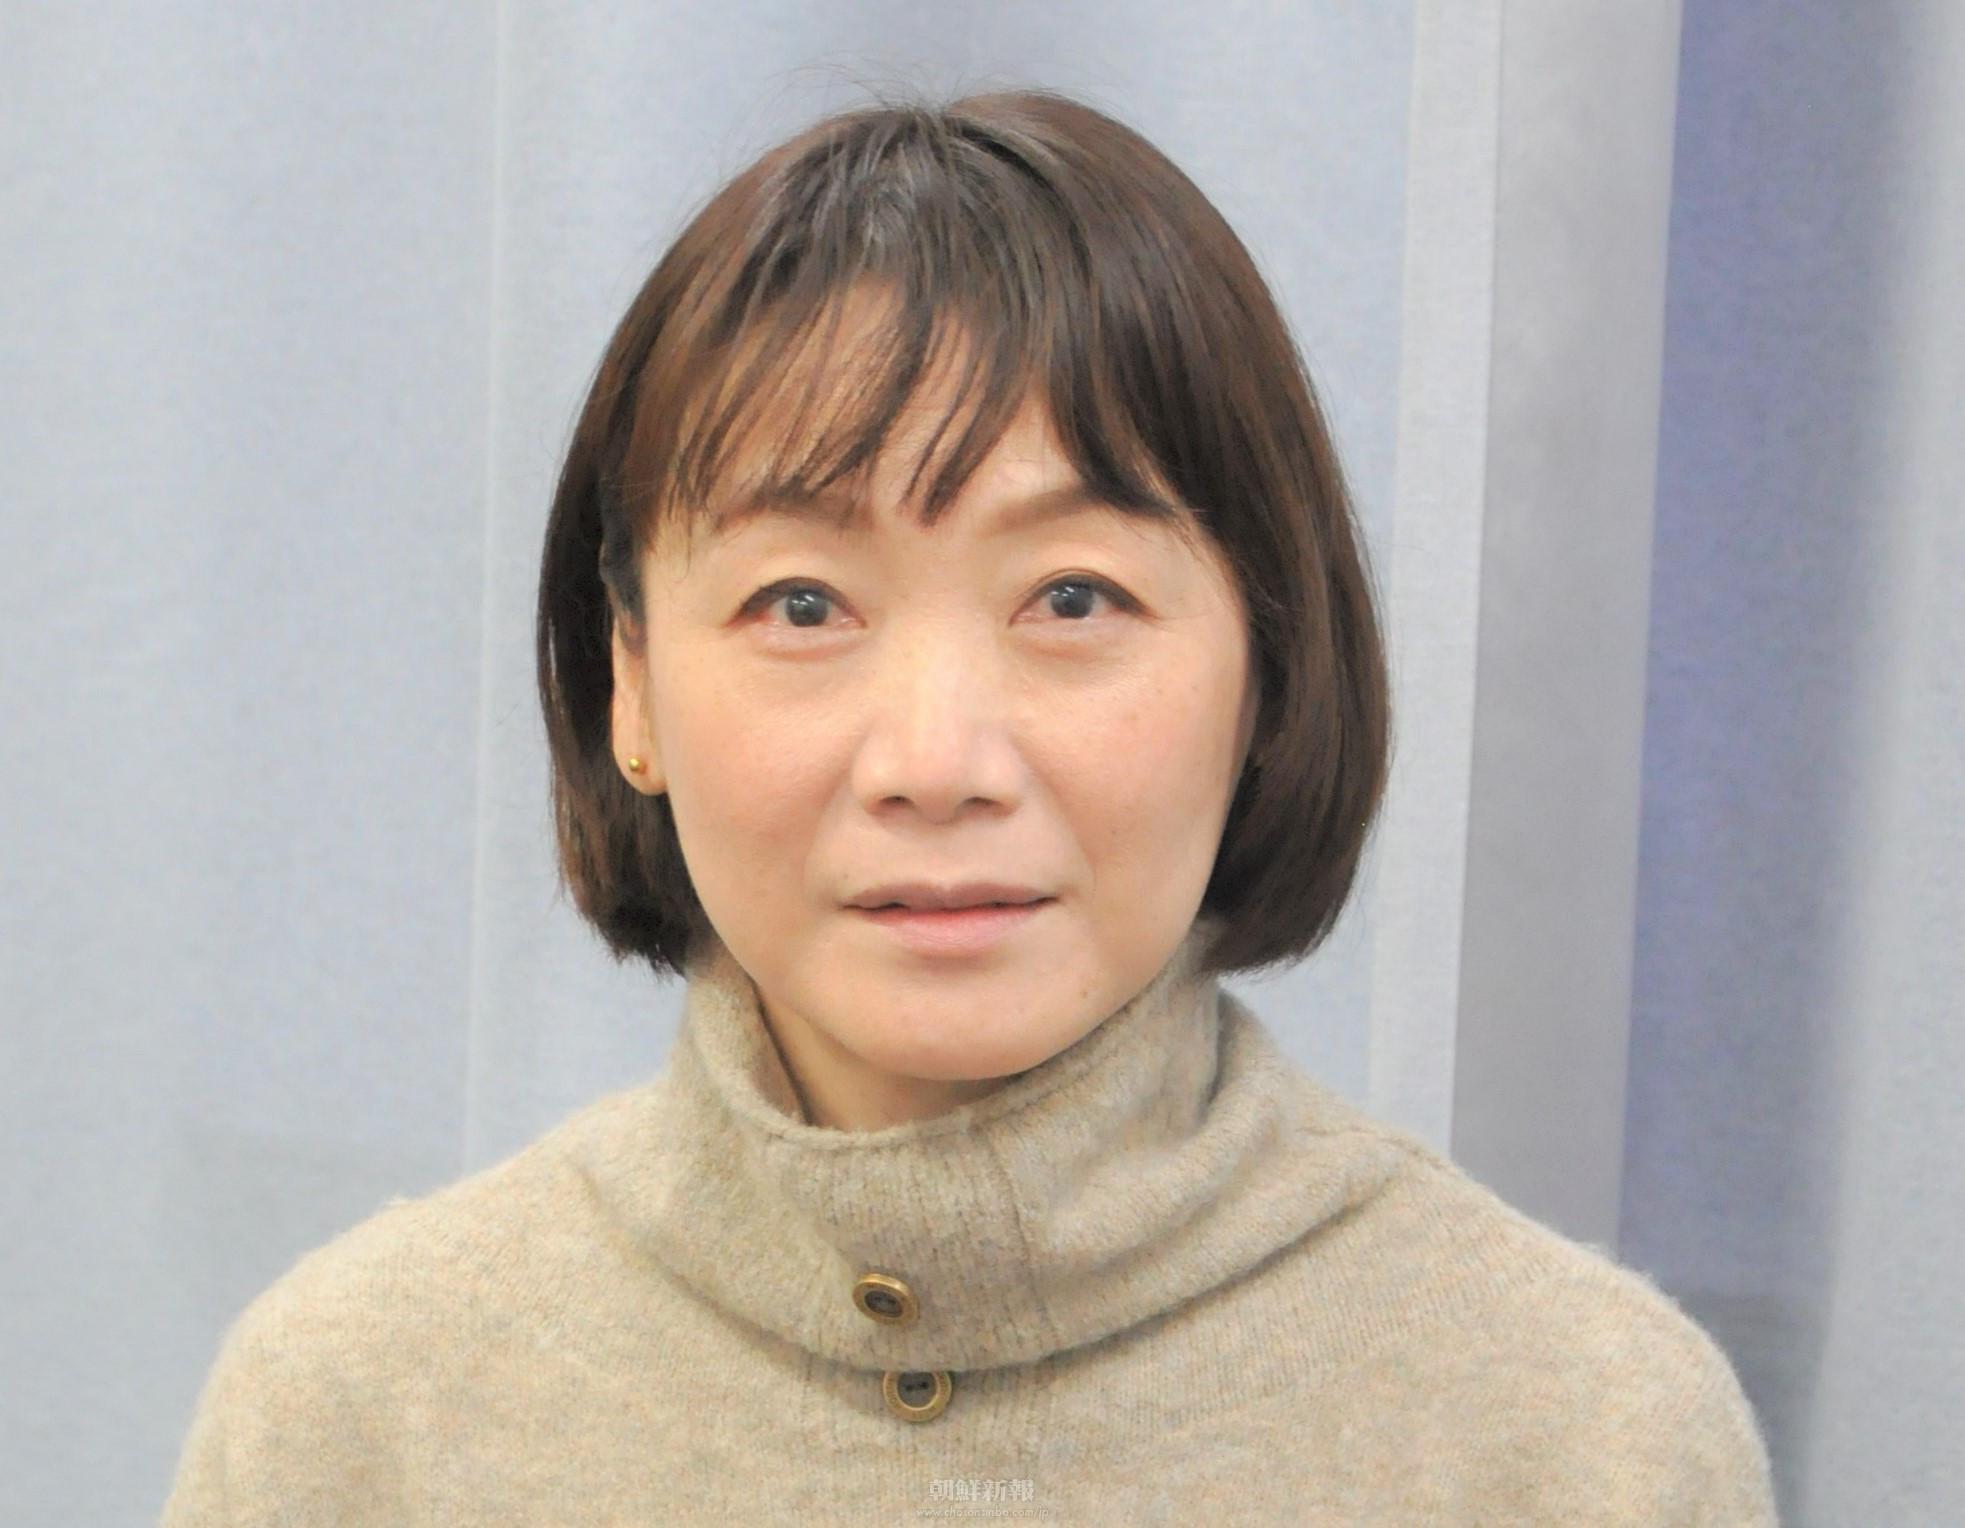 〈未来を見据えて―100万人署名運動の教訓 2〉女性同盟東京・荒川支部子育て支援部長/朴香寿さん(52)